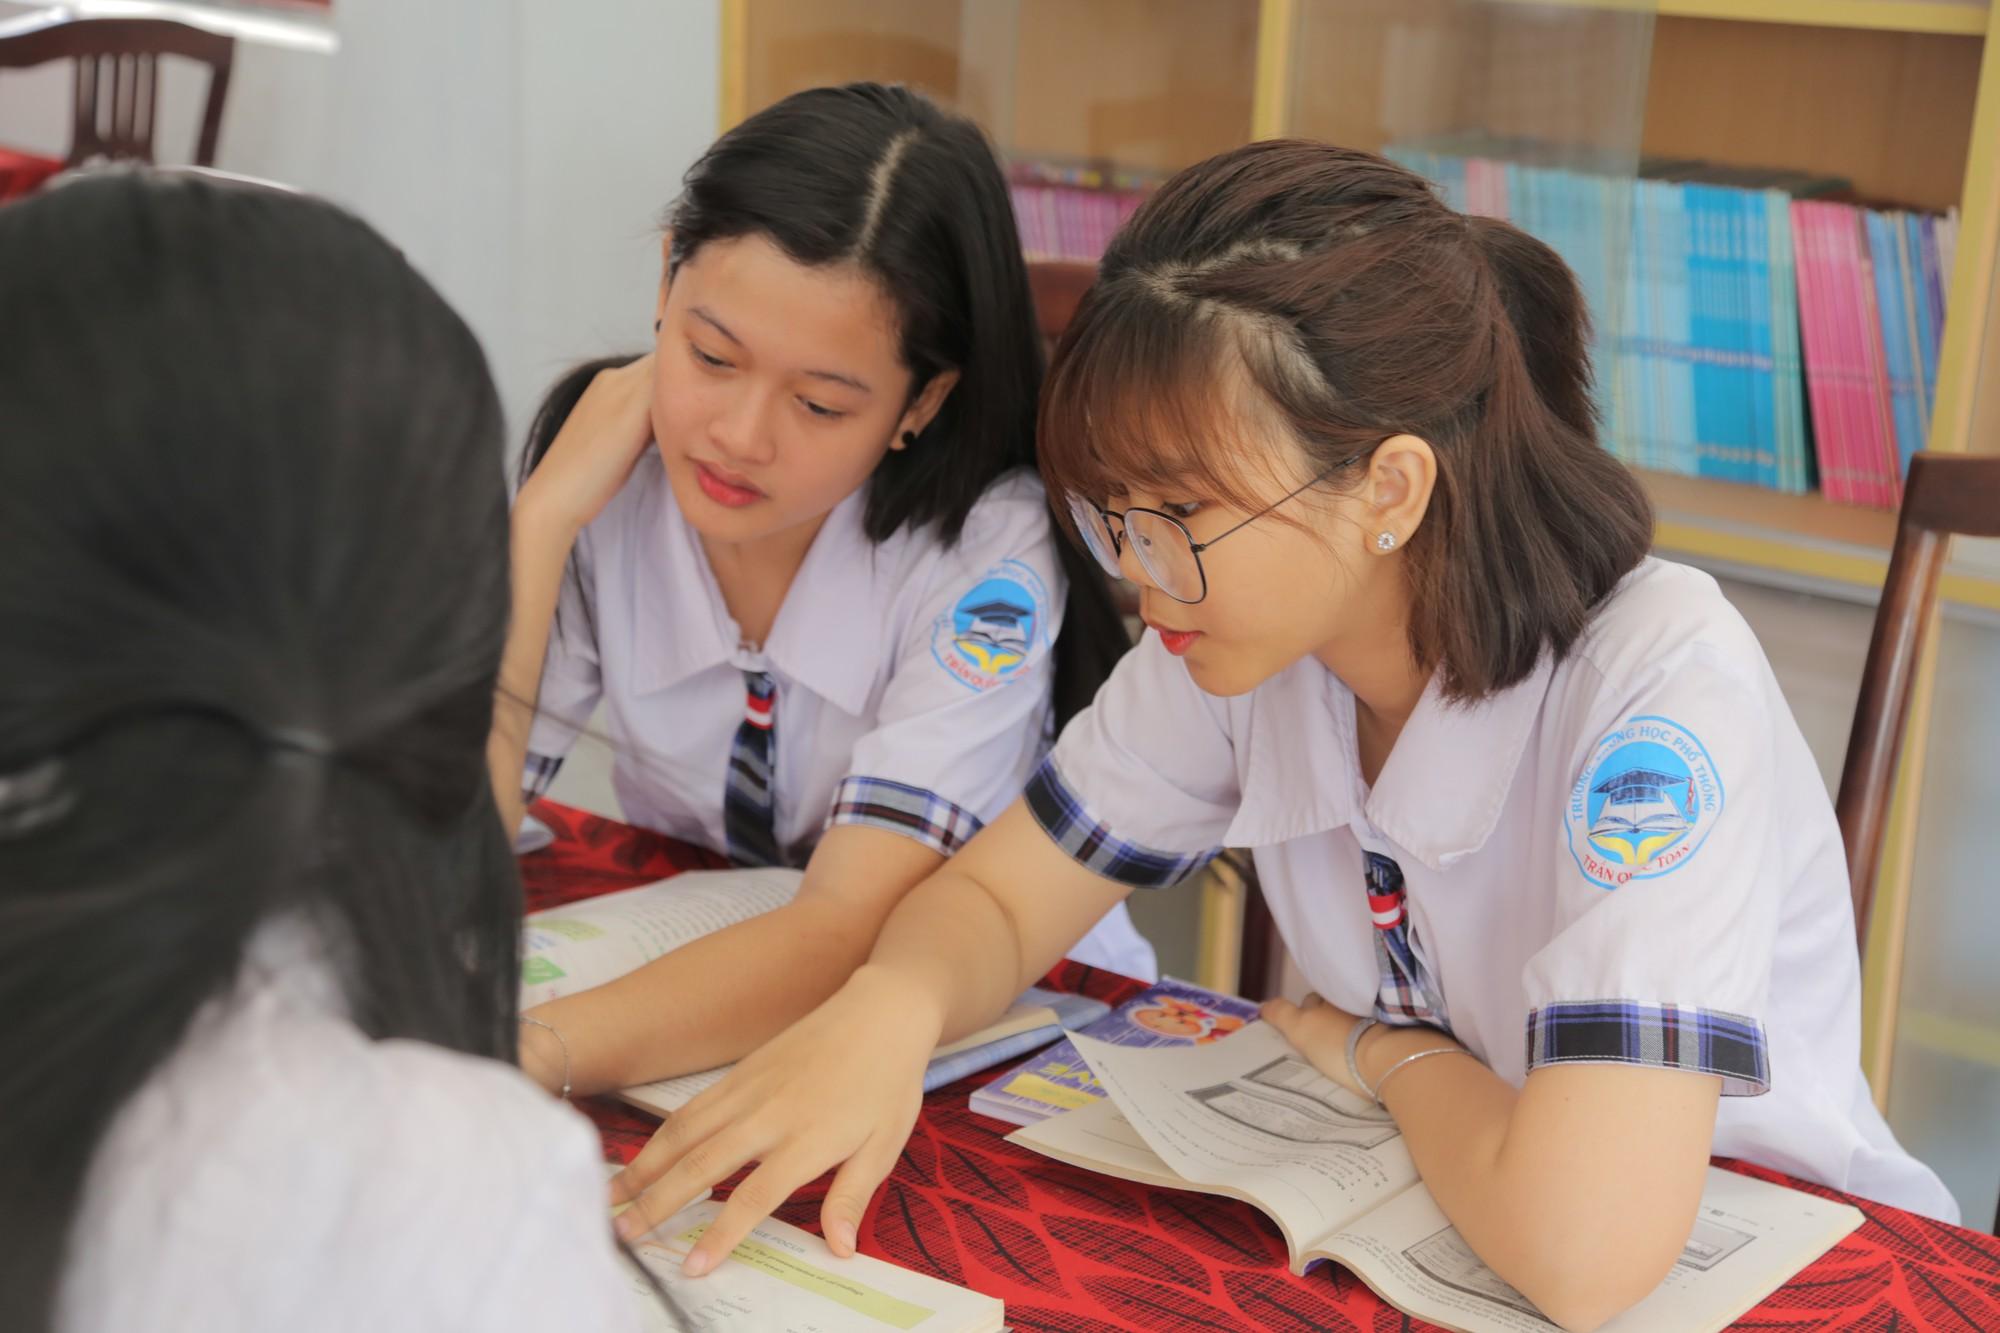 Hệ thống trường THCS THPT Trần Cao Vân tăng cường đầu tư vào trường THPT Trần Quốc Toản - Ảnh 2.